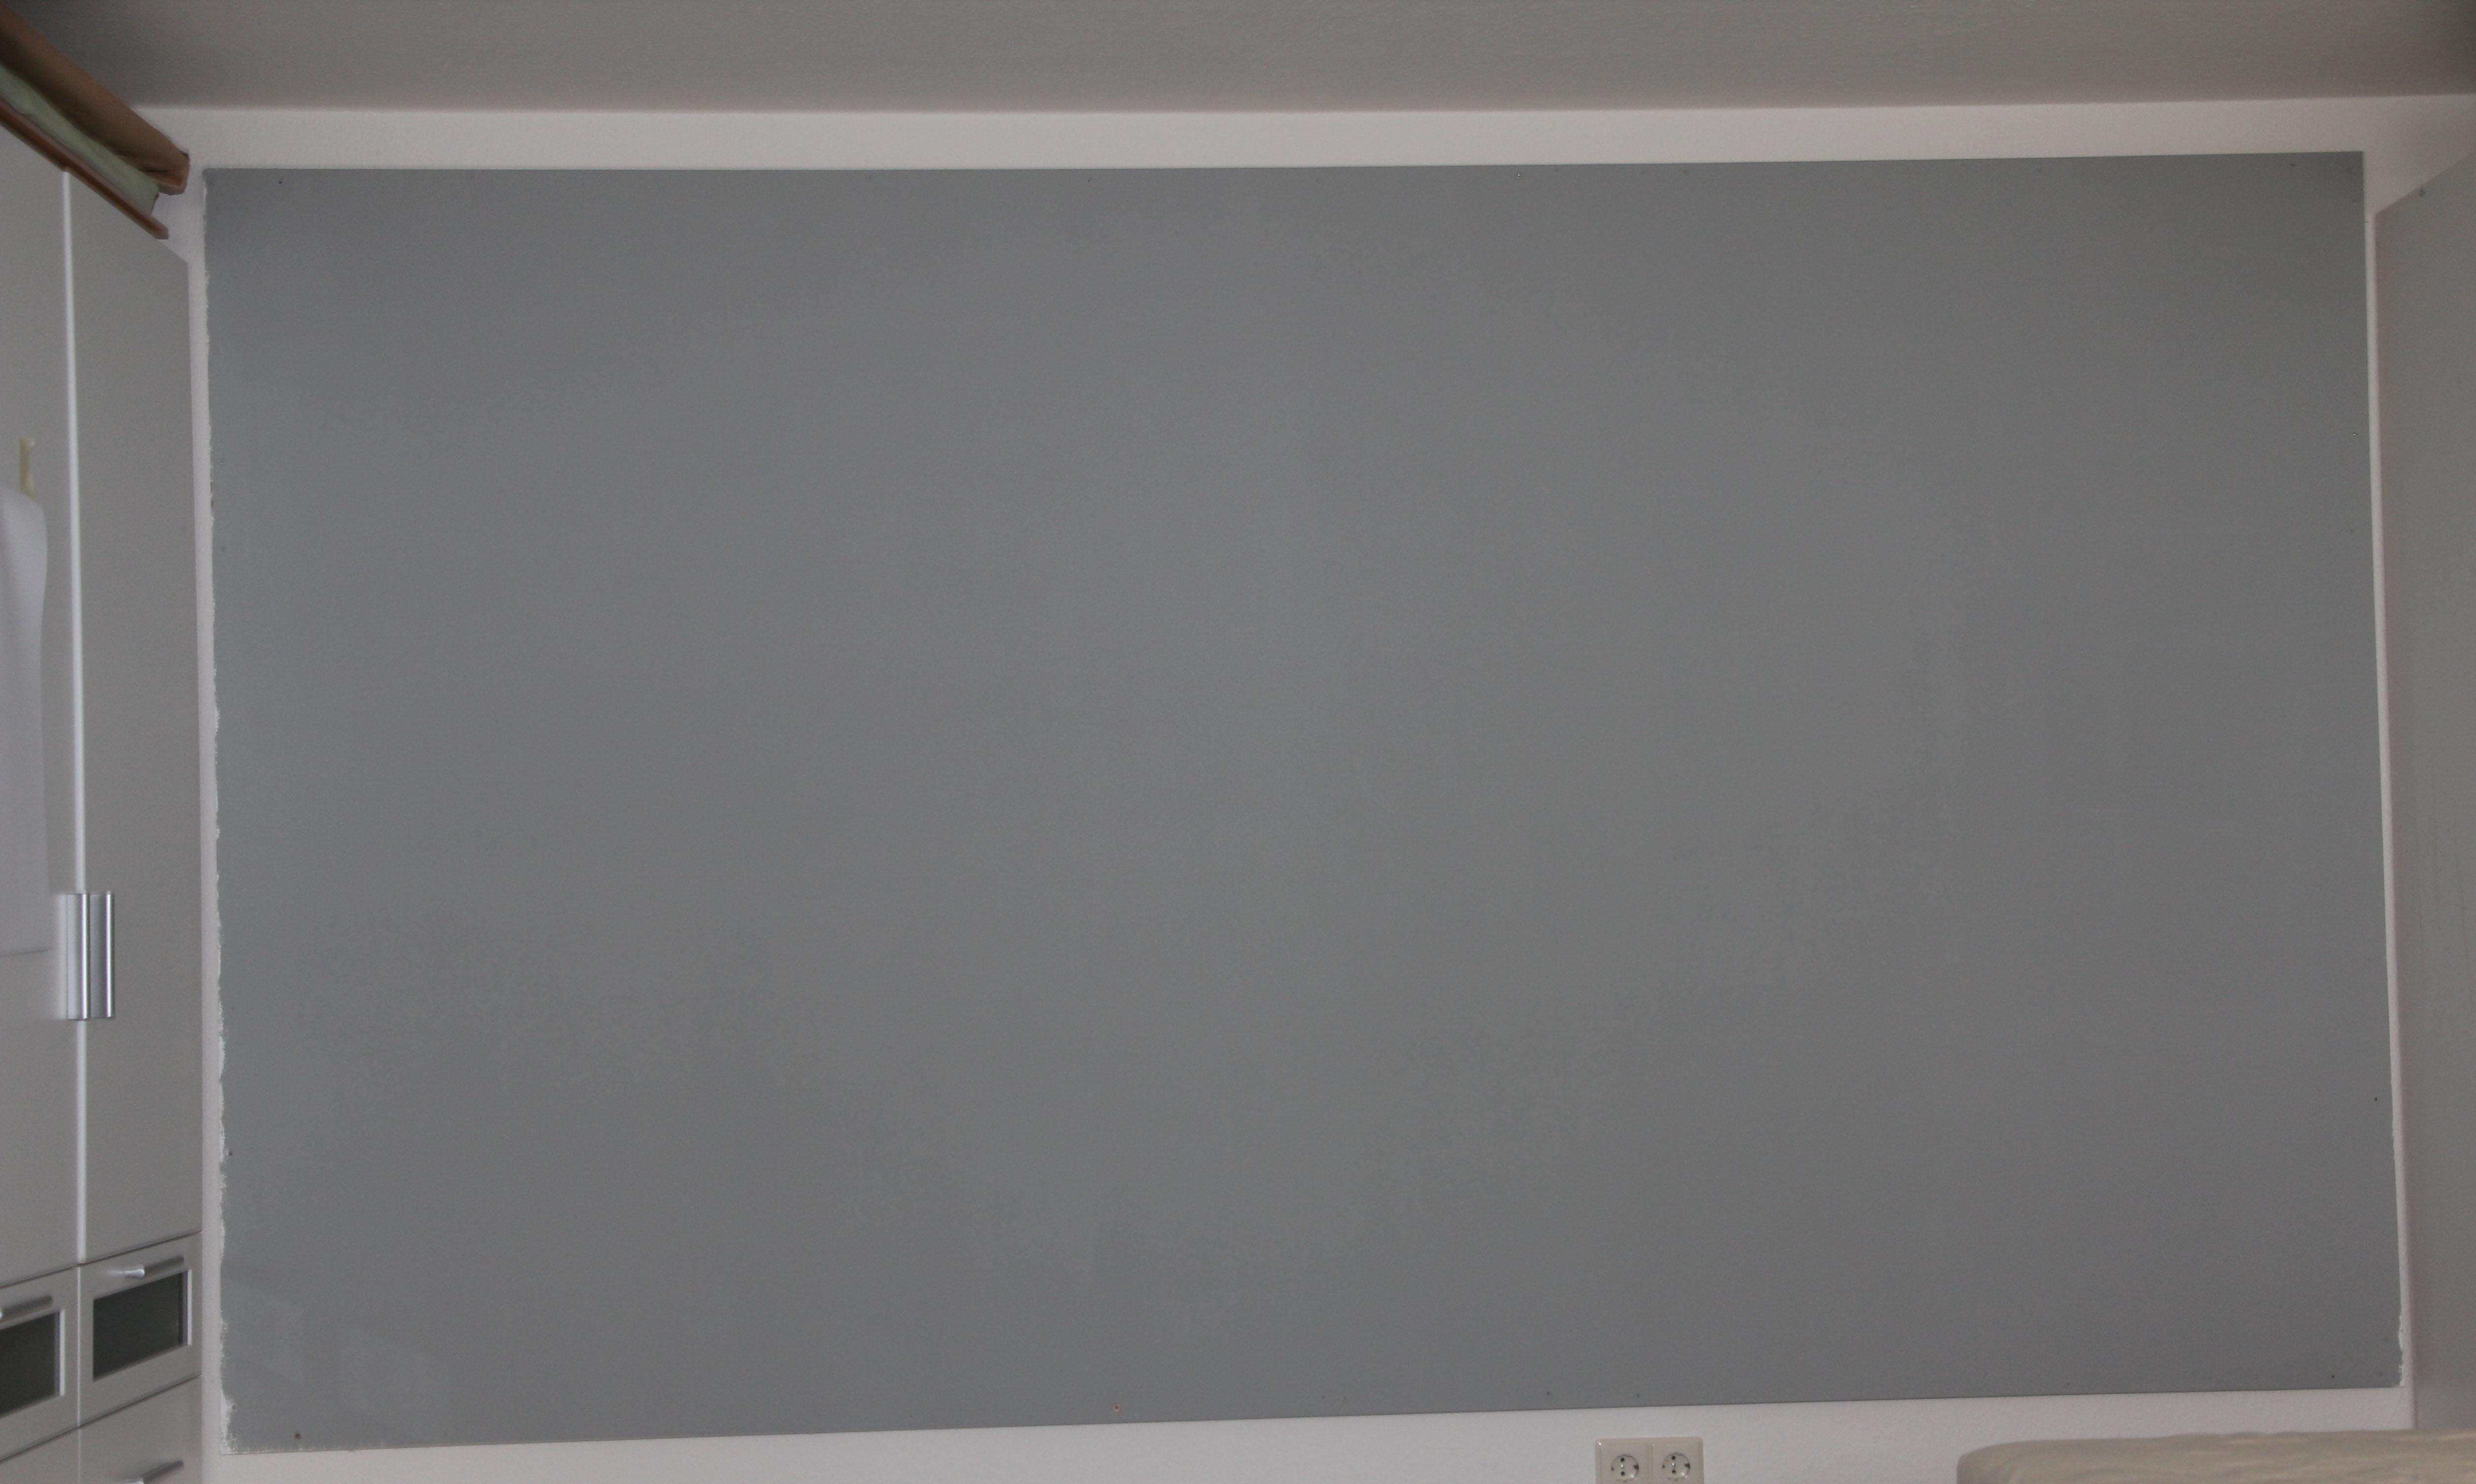 latexfarbe überstreichen. latexfarbe berstreichen so gelingt 39 s